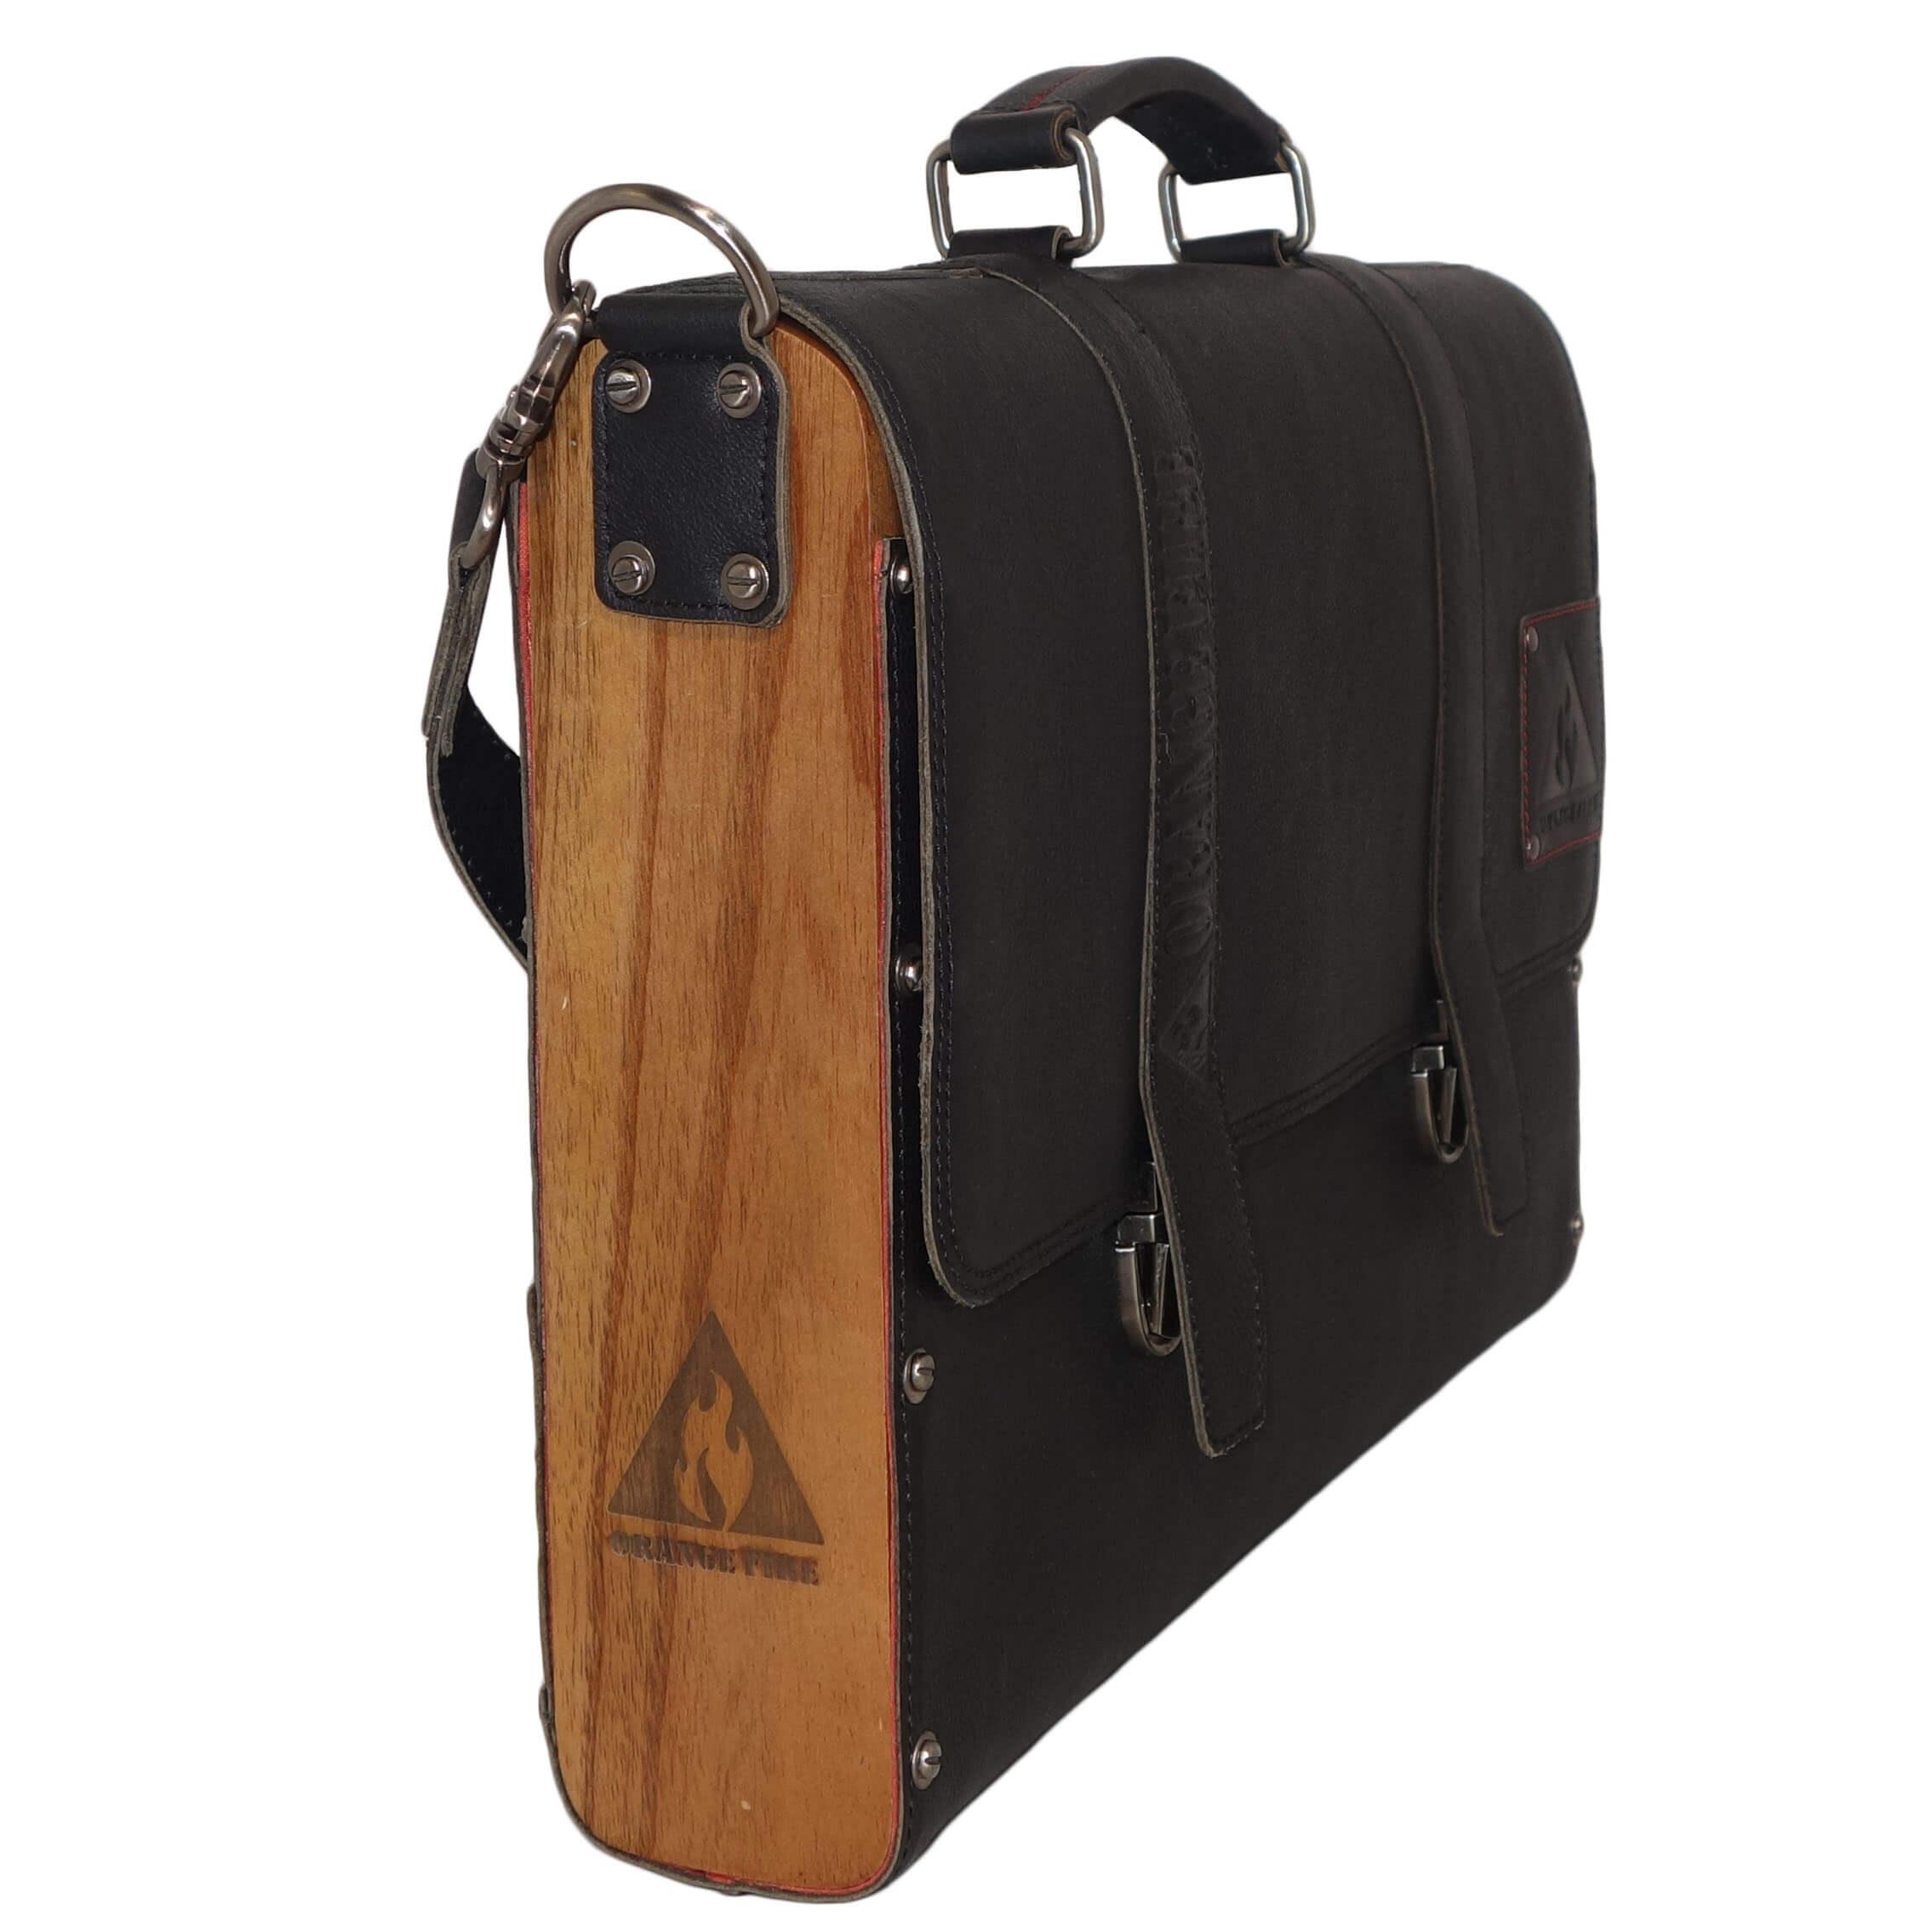 Feu Cuir Orange / Bois Portable A4 15,6 Sac À Ouvrage « » Black